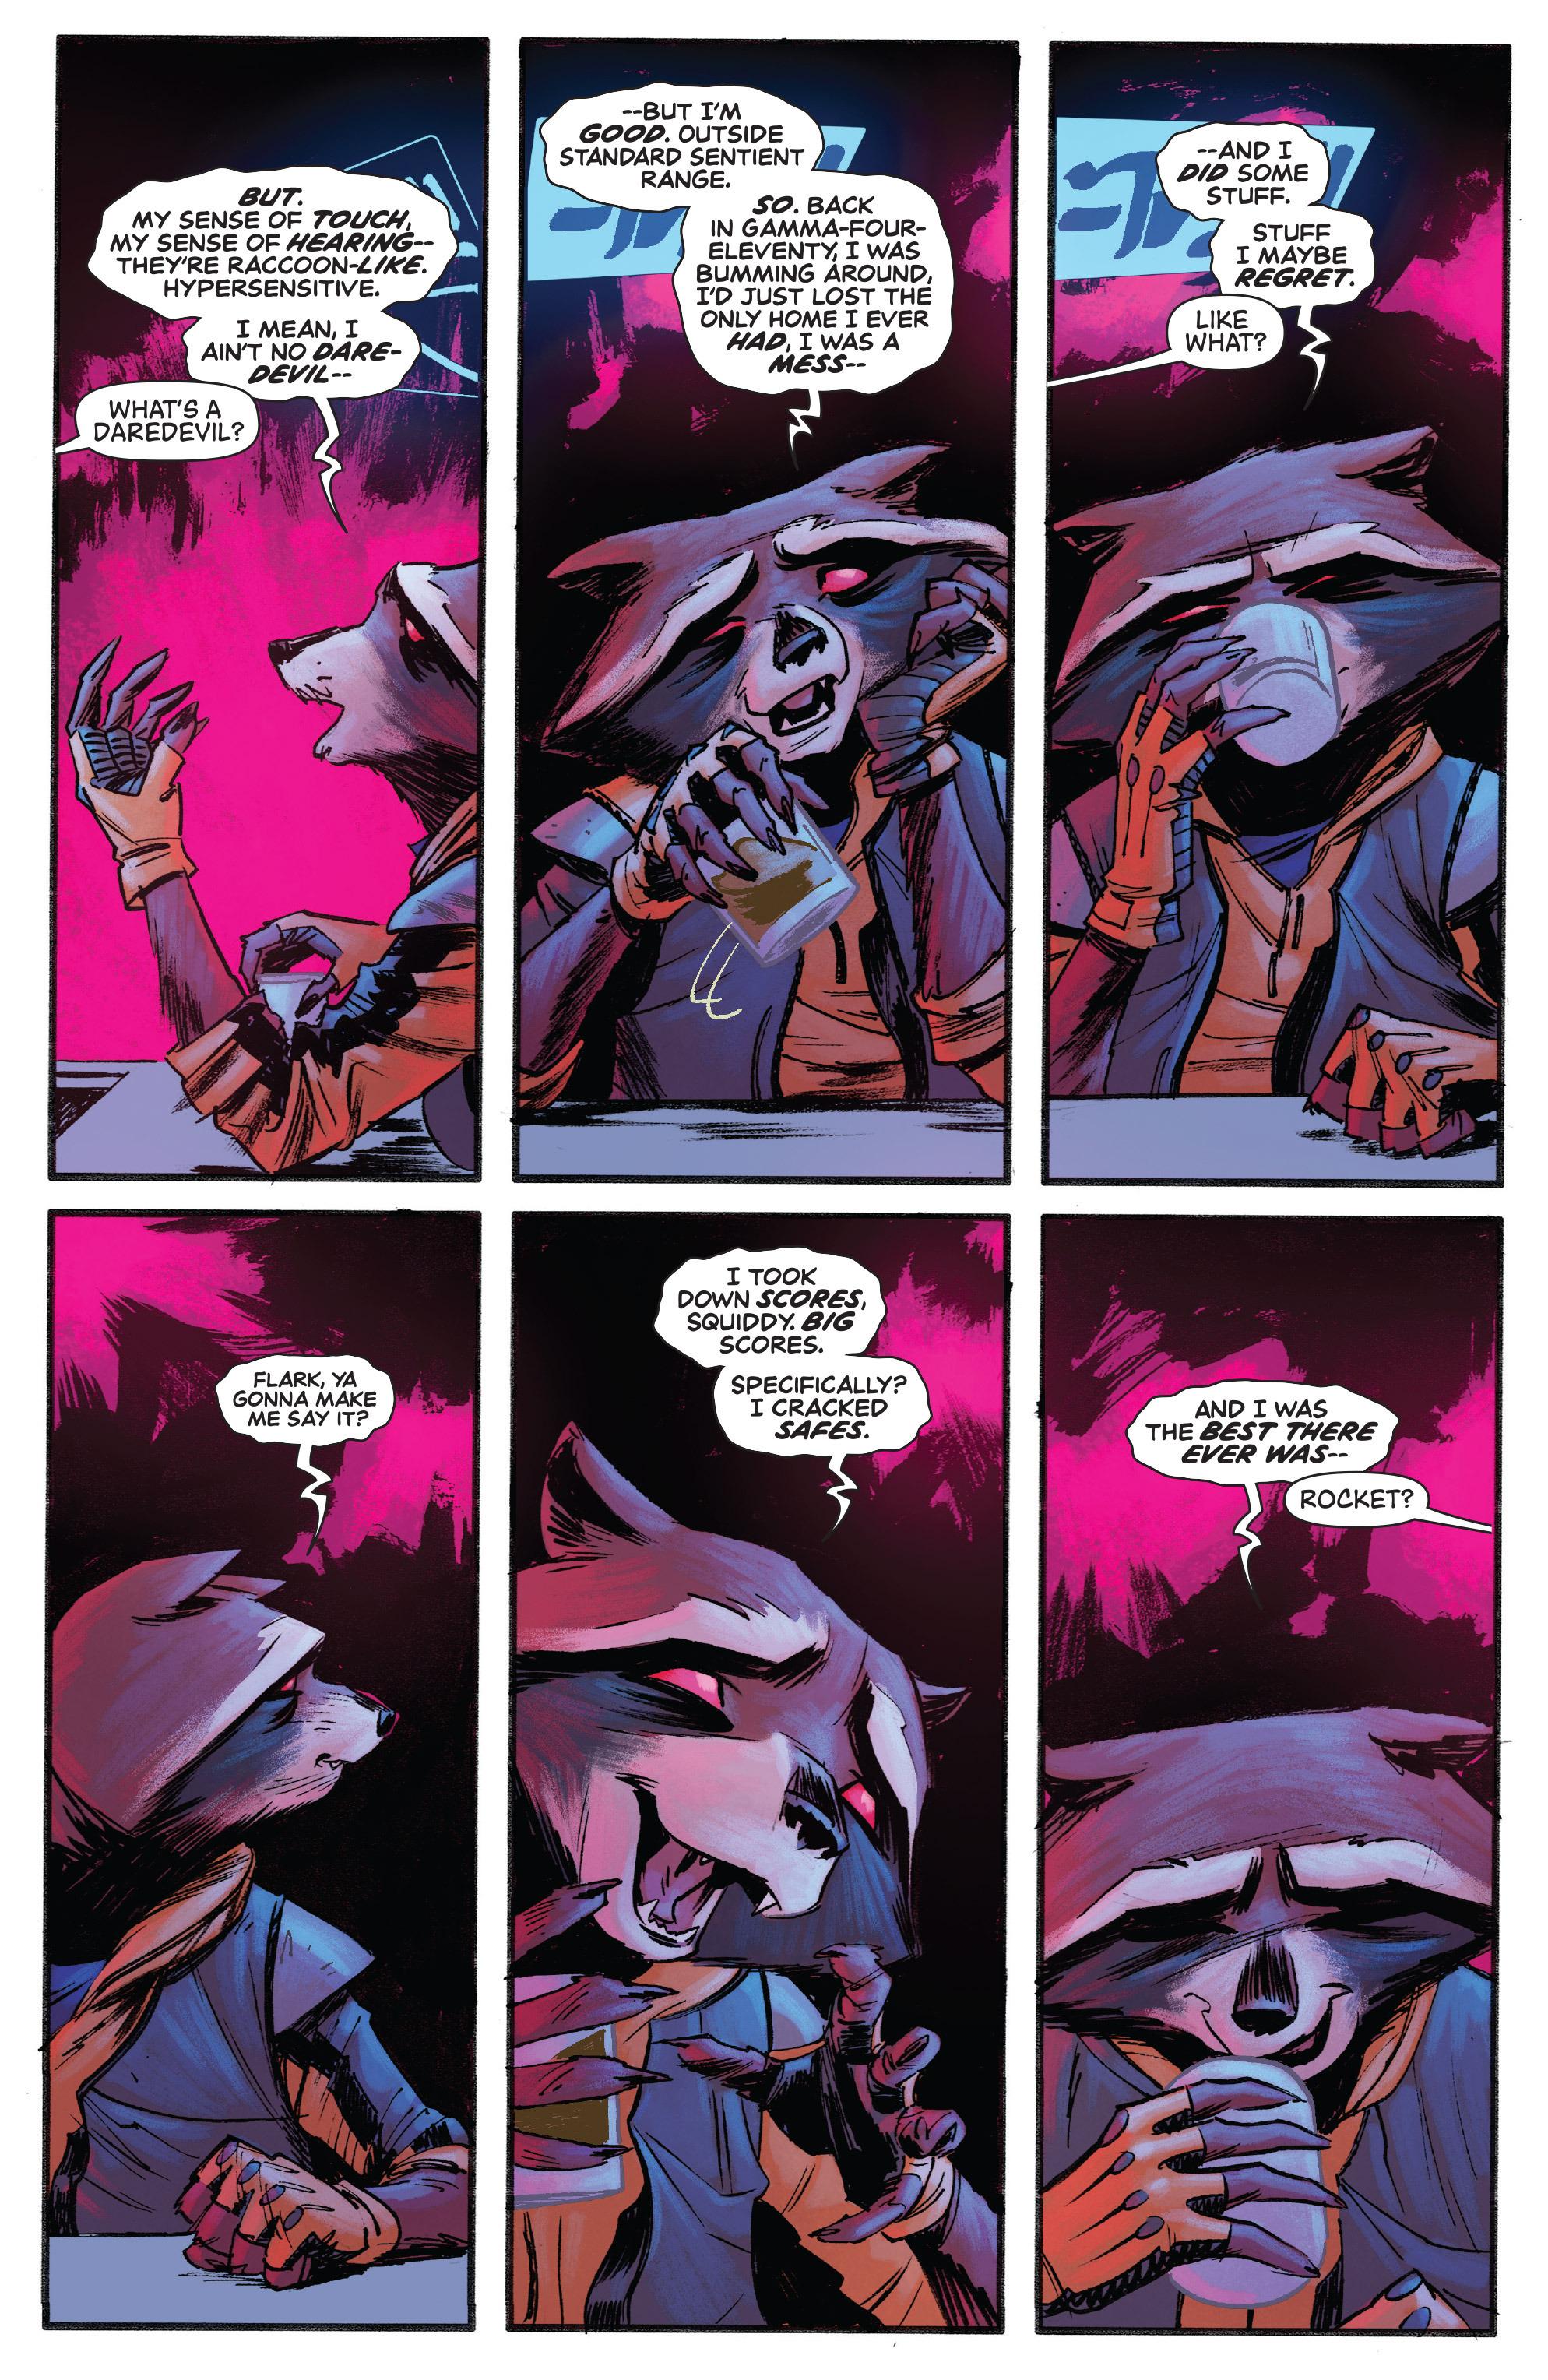 Read online Rocket comic -  Issue #1 - 5